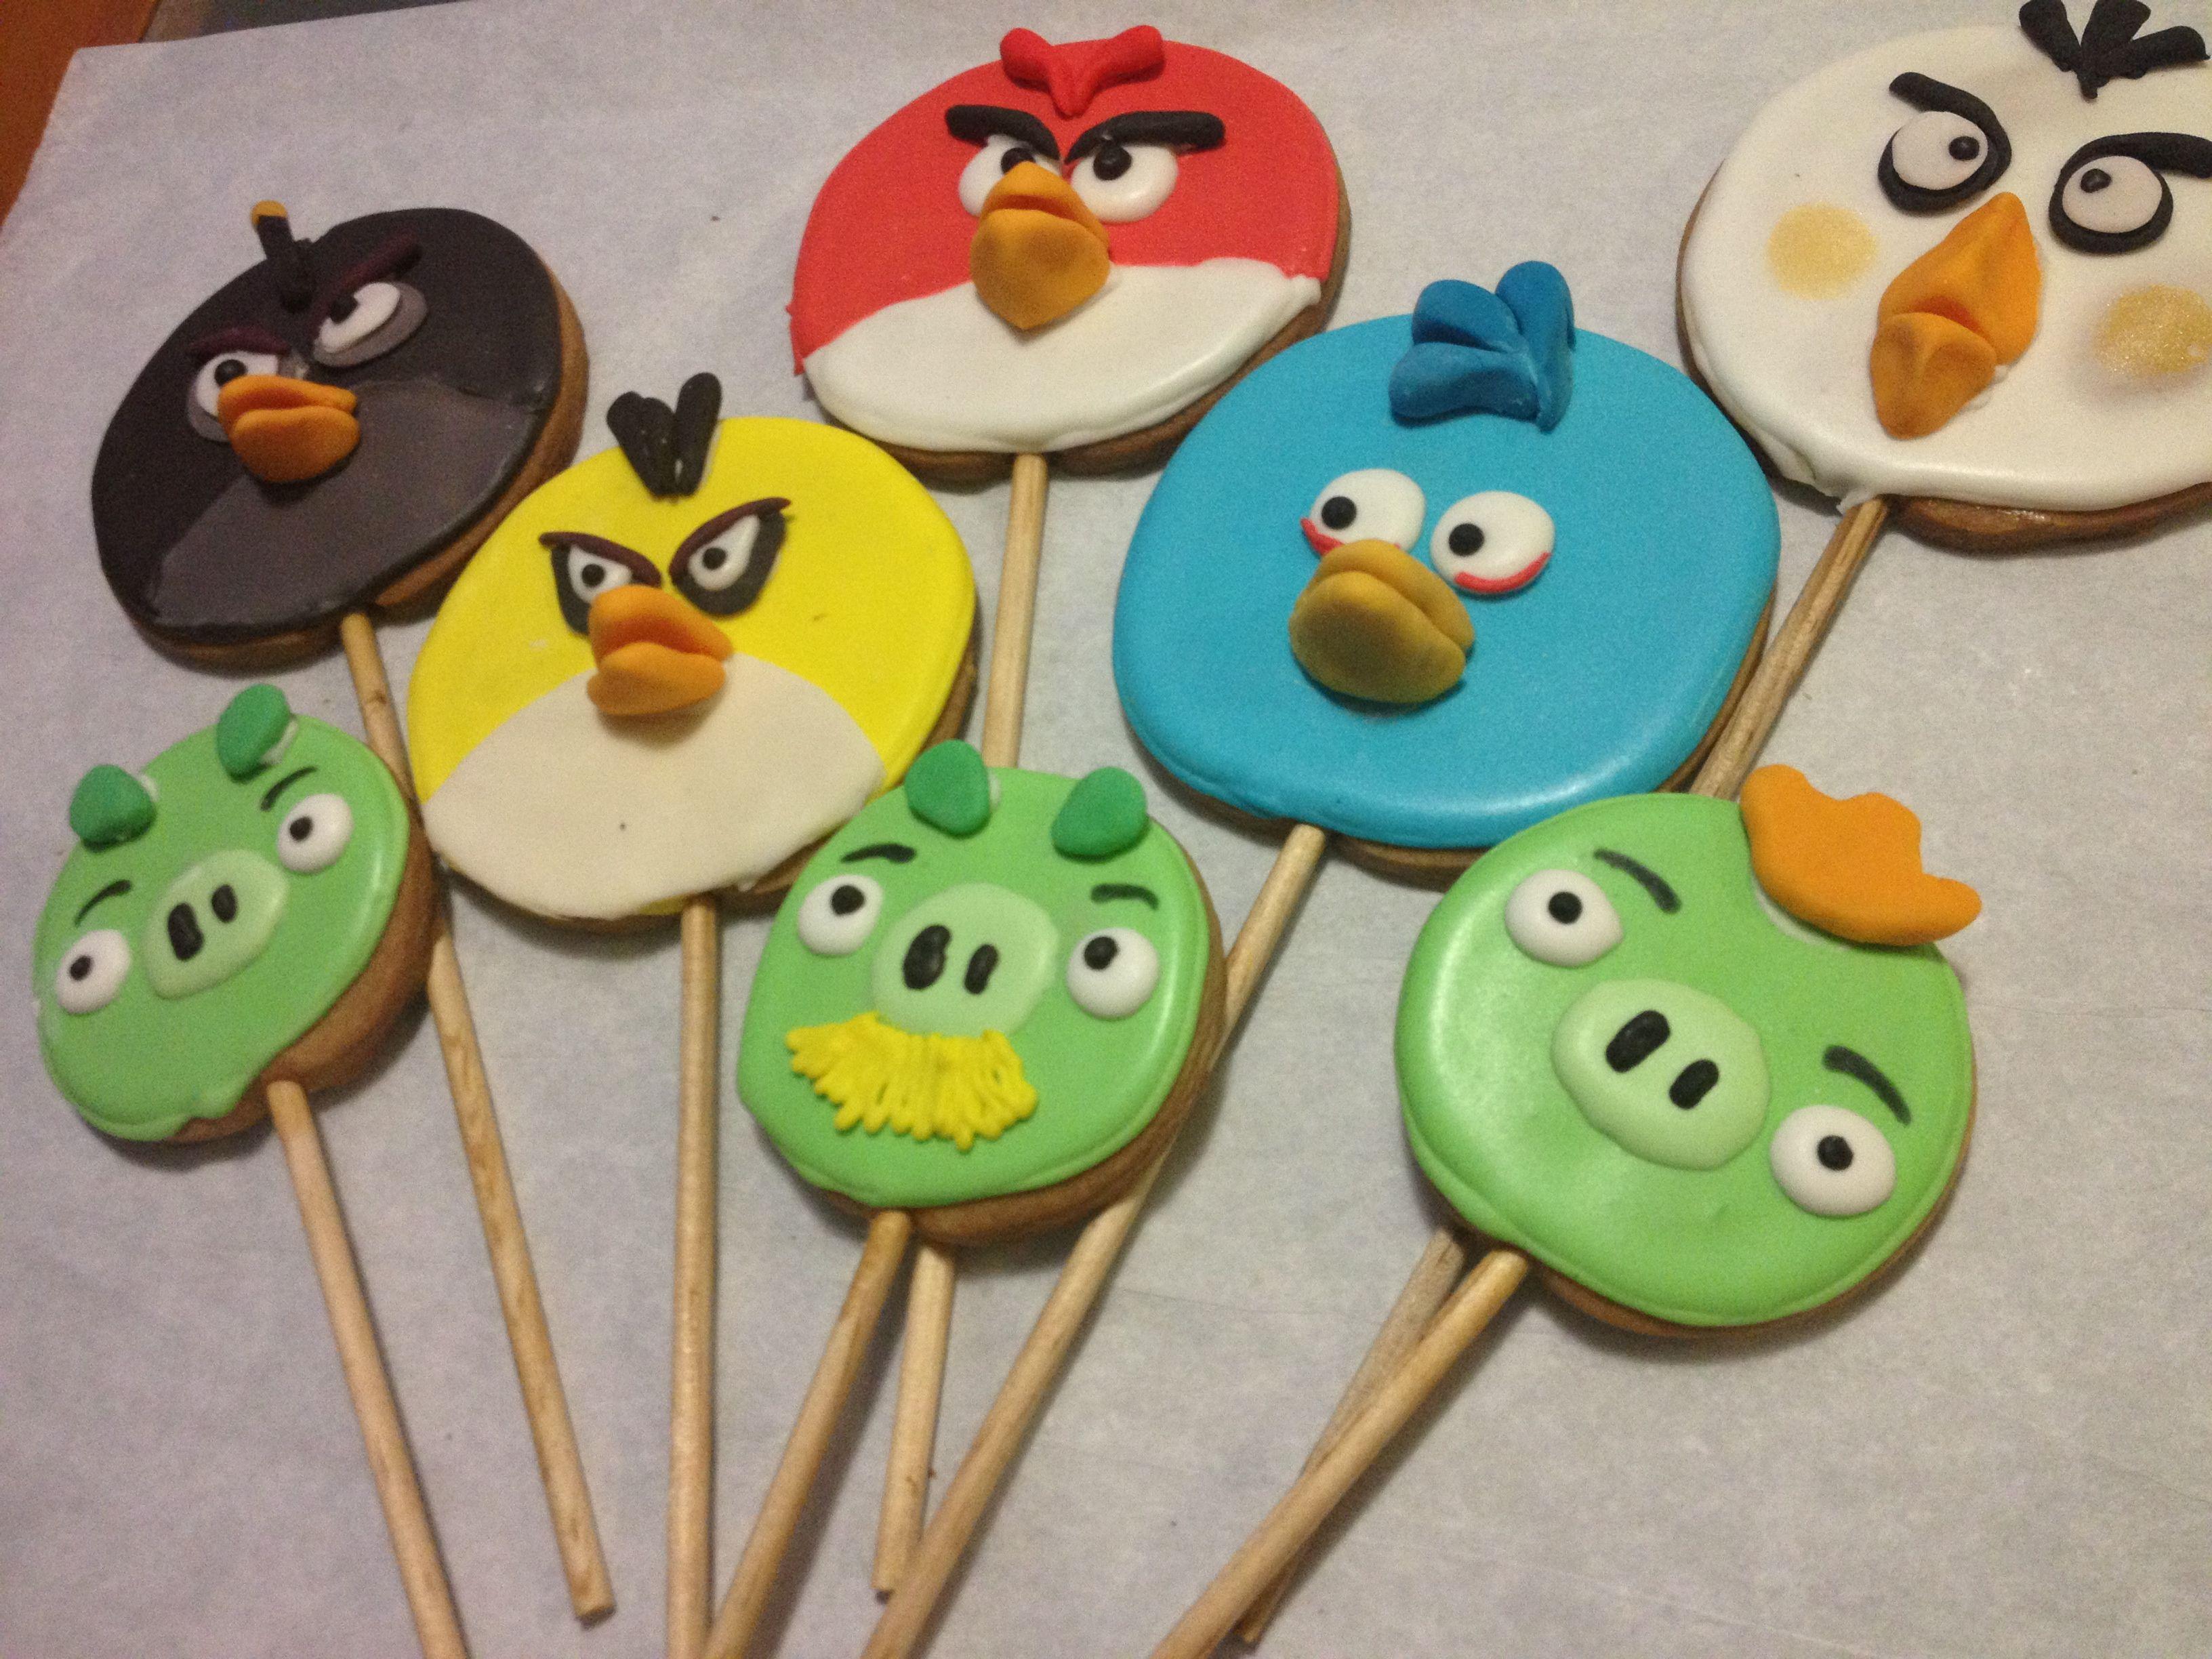 Galletas decoradas Angry Birds icing y fondant by Fiestas de